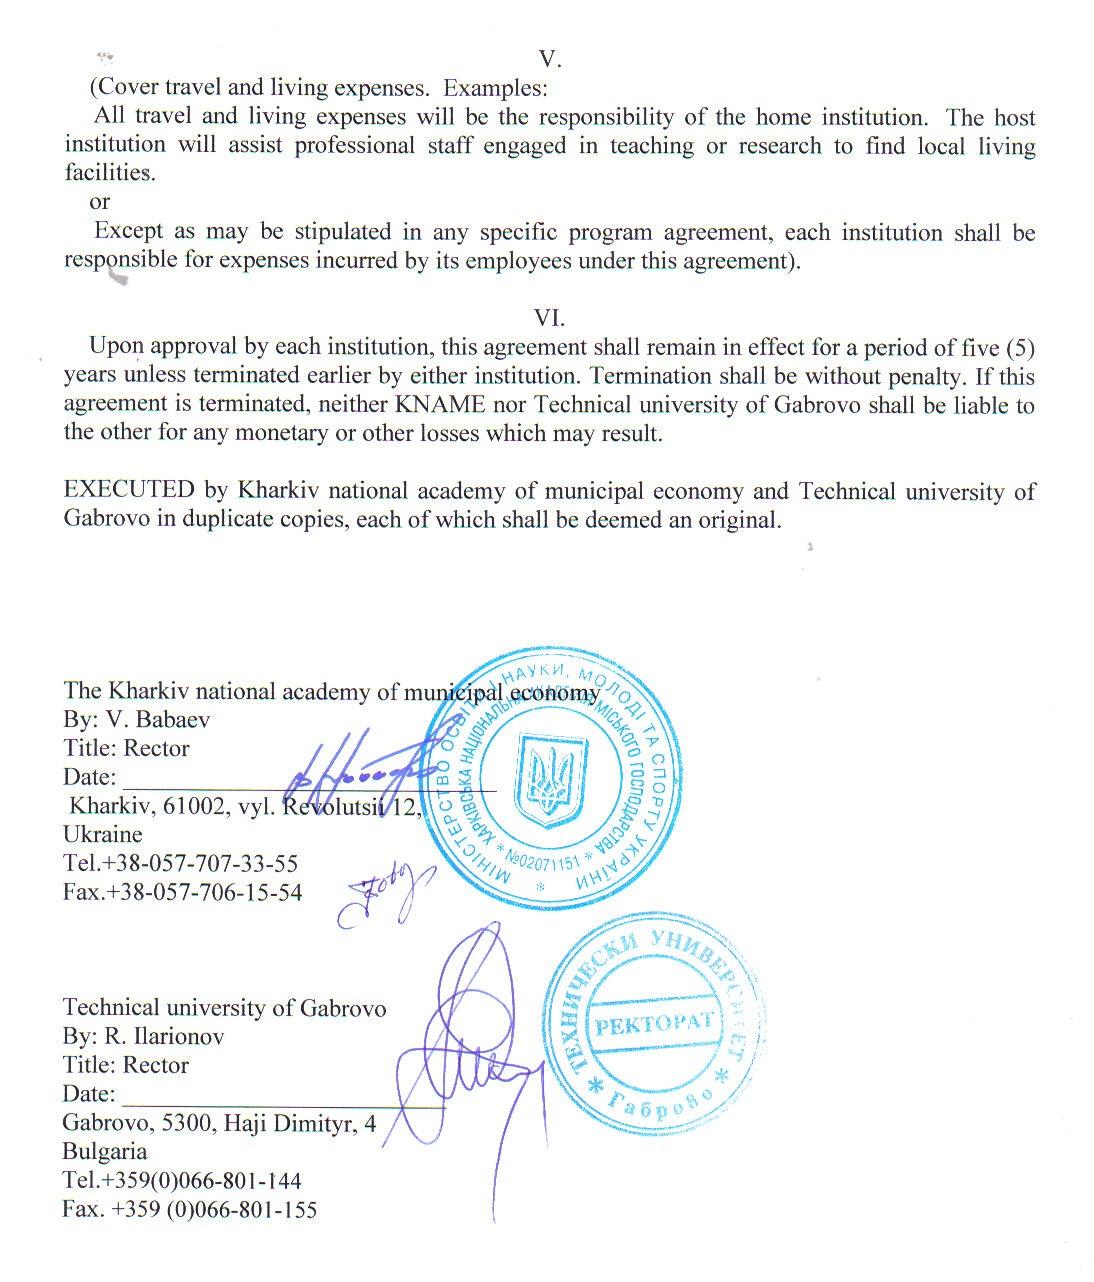 образец договора о сотрудничестве между научной библиотекой и ун